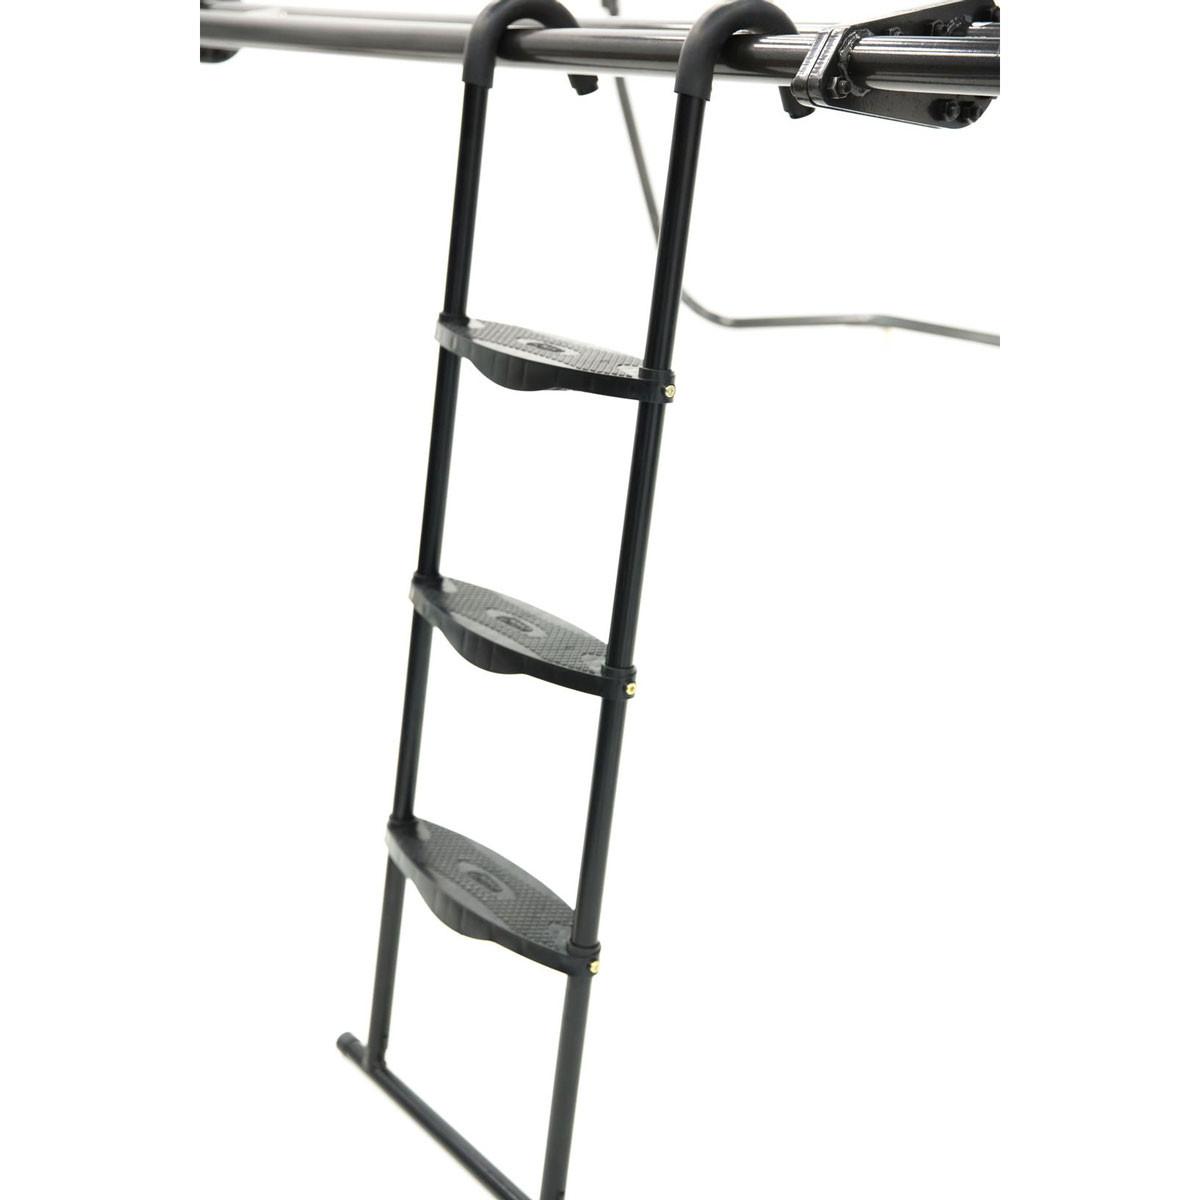 SkyBound 3 Step Adjustable Trampoline Ladder (ACC LDR03 001)